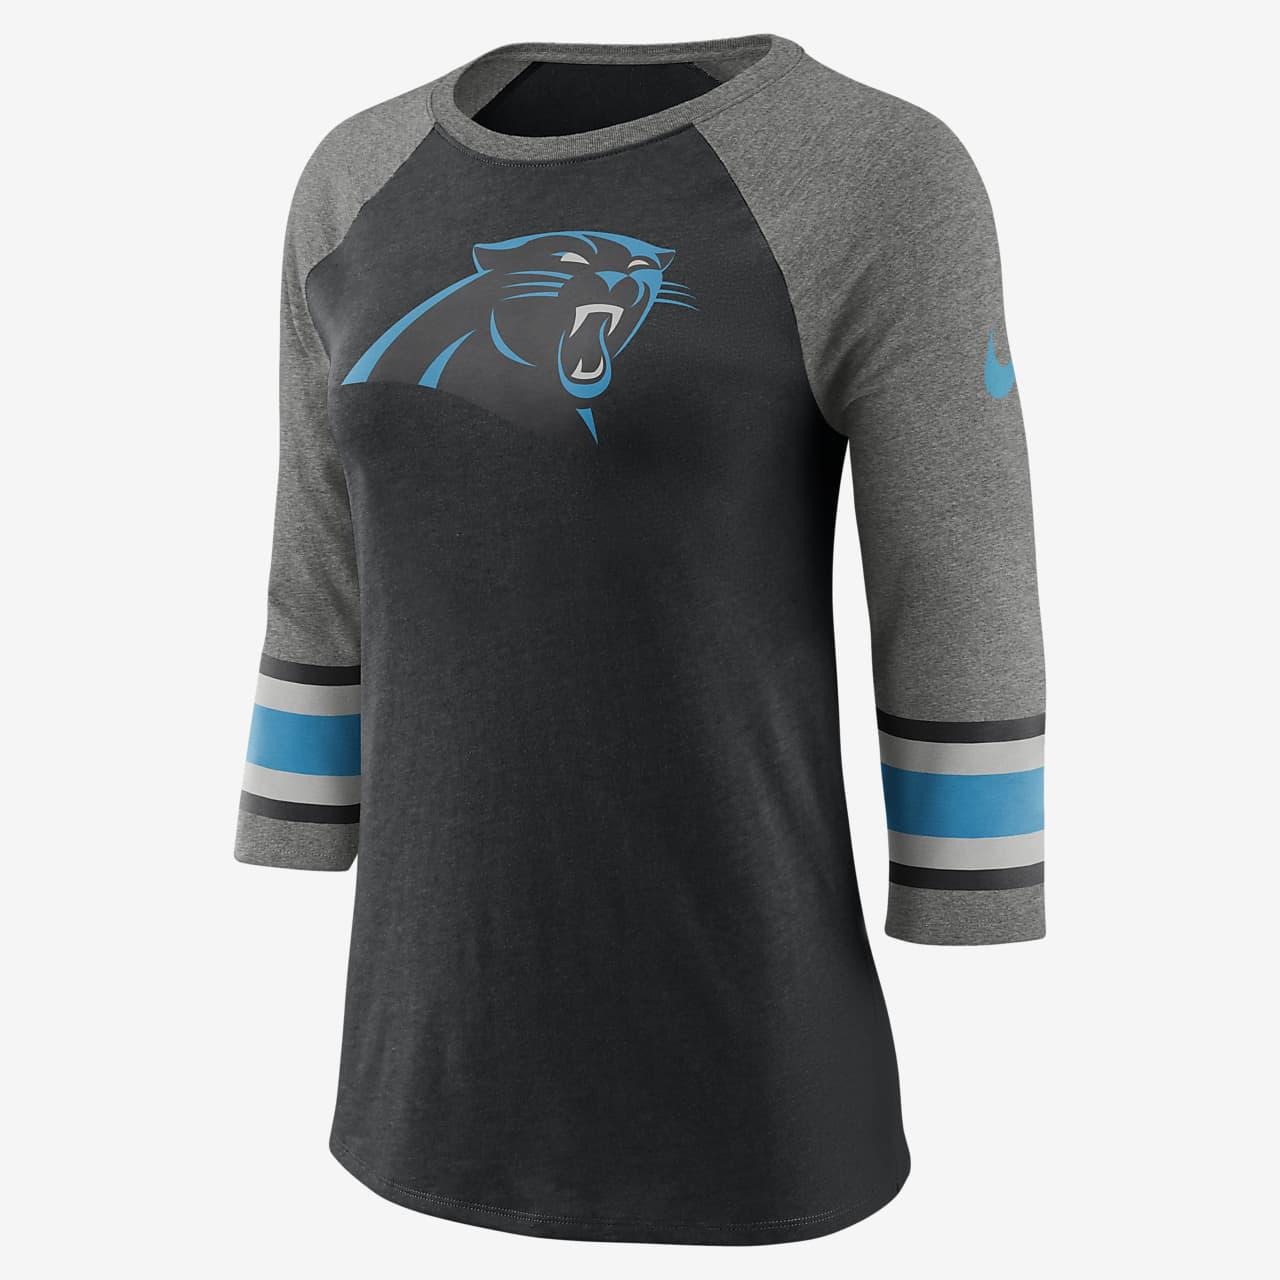 Γυναικείο T-Shirt με τρουακάρ μανίκια Nike Tri-Blend Raglan (NFL Panthers)